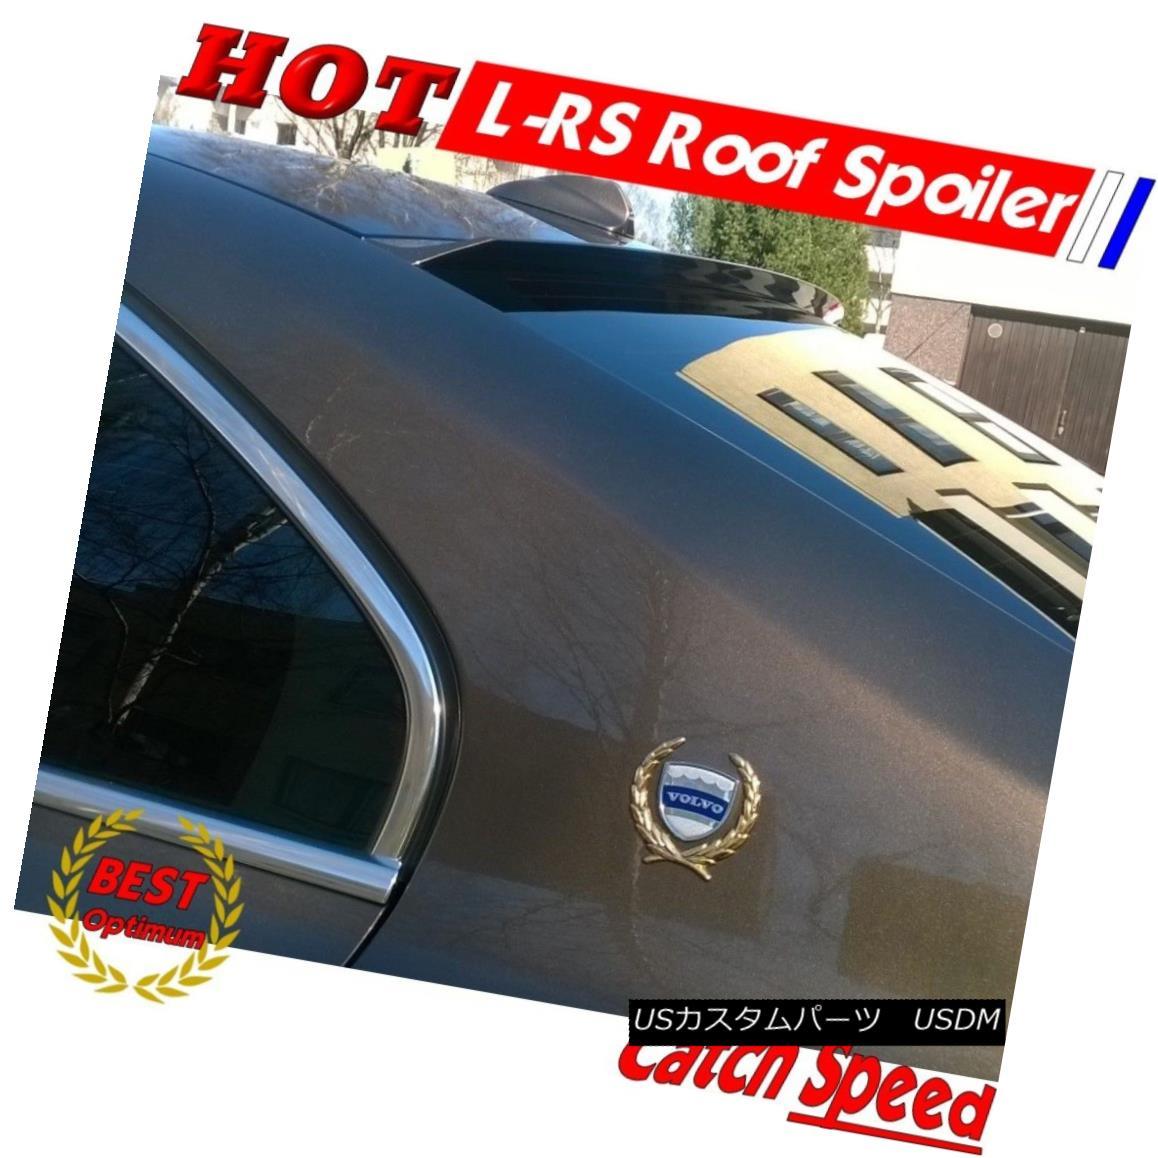 エアロパーツ Flat Black LRS Type Rear Roof Spoiler For KIA Optima MG EX/SX Sedan 2008-2010 ? KIA Optima MG EX / SX Sedan 2008-2010用フラットブラックLRSタイプリアルーフスポイラー?